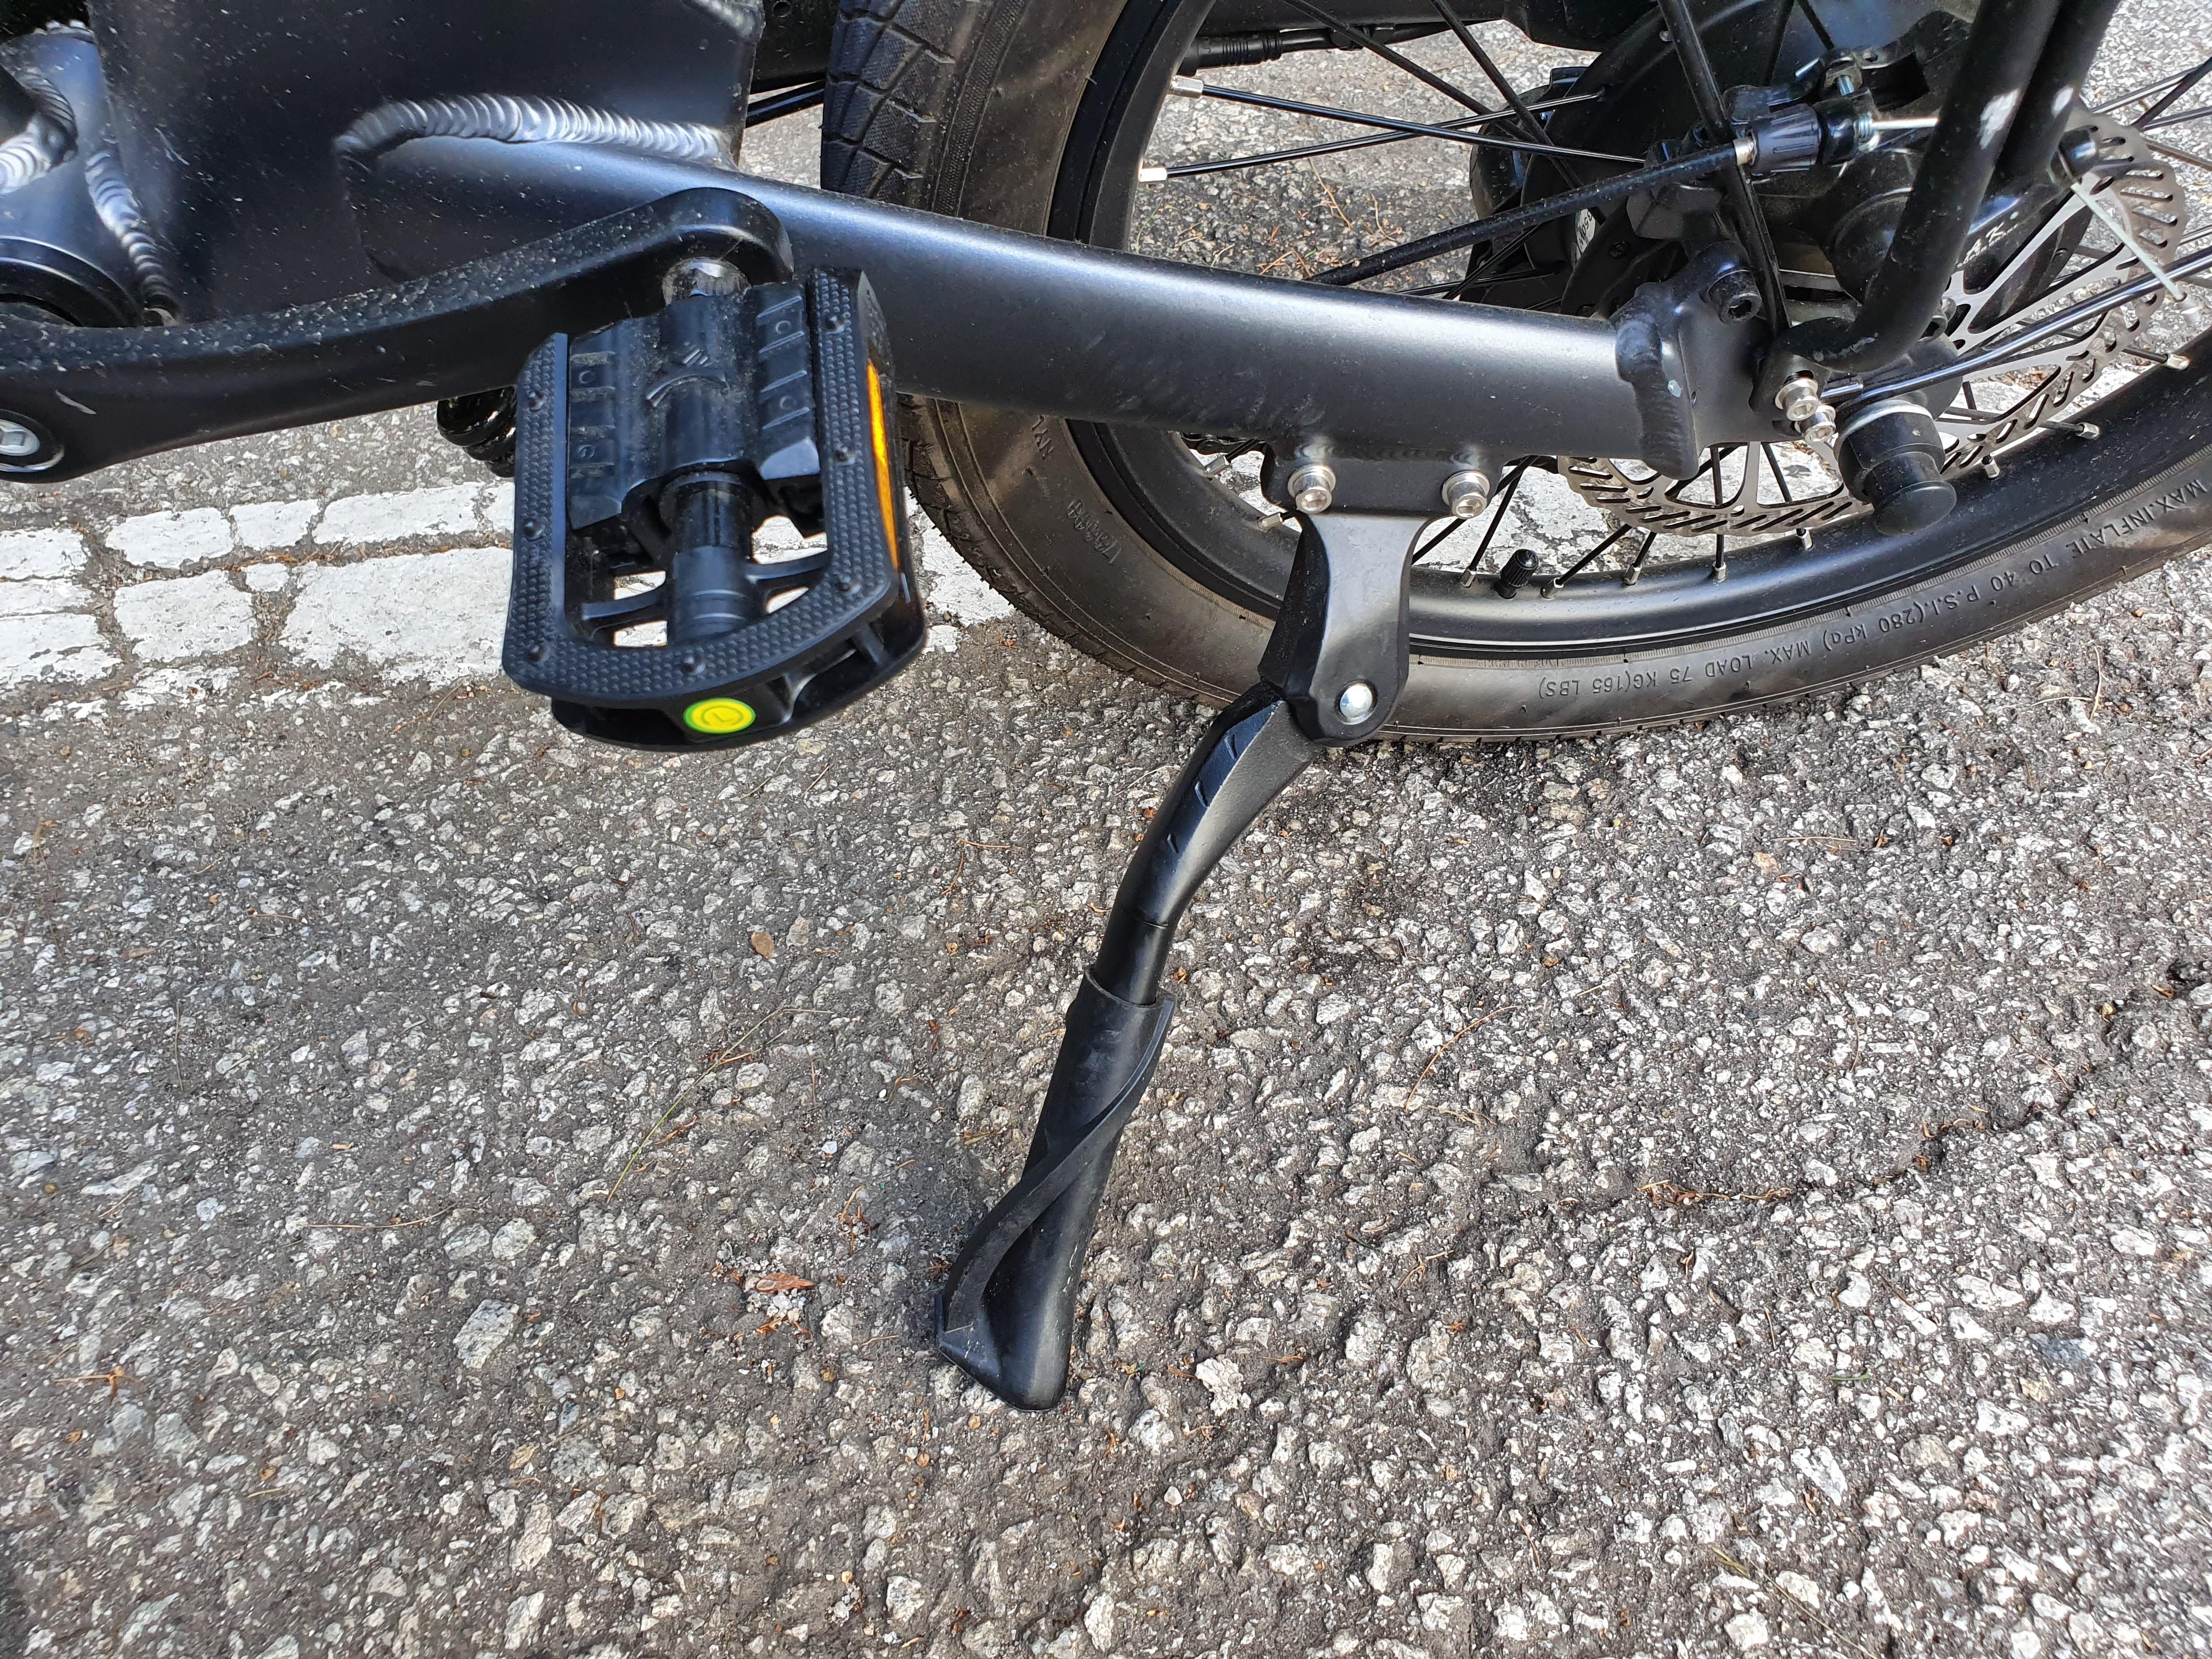 가성비 전기자전거 퀄리 Q3 라이딩 후기 16